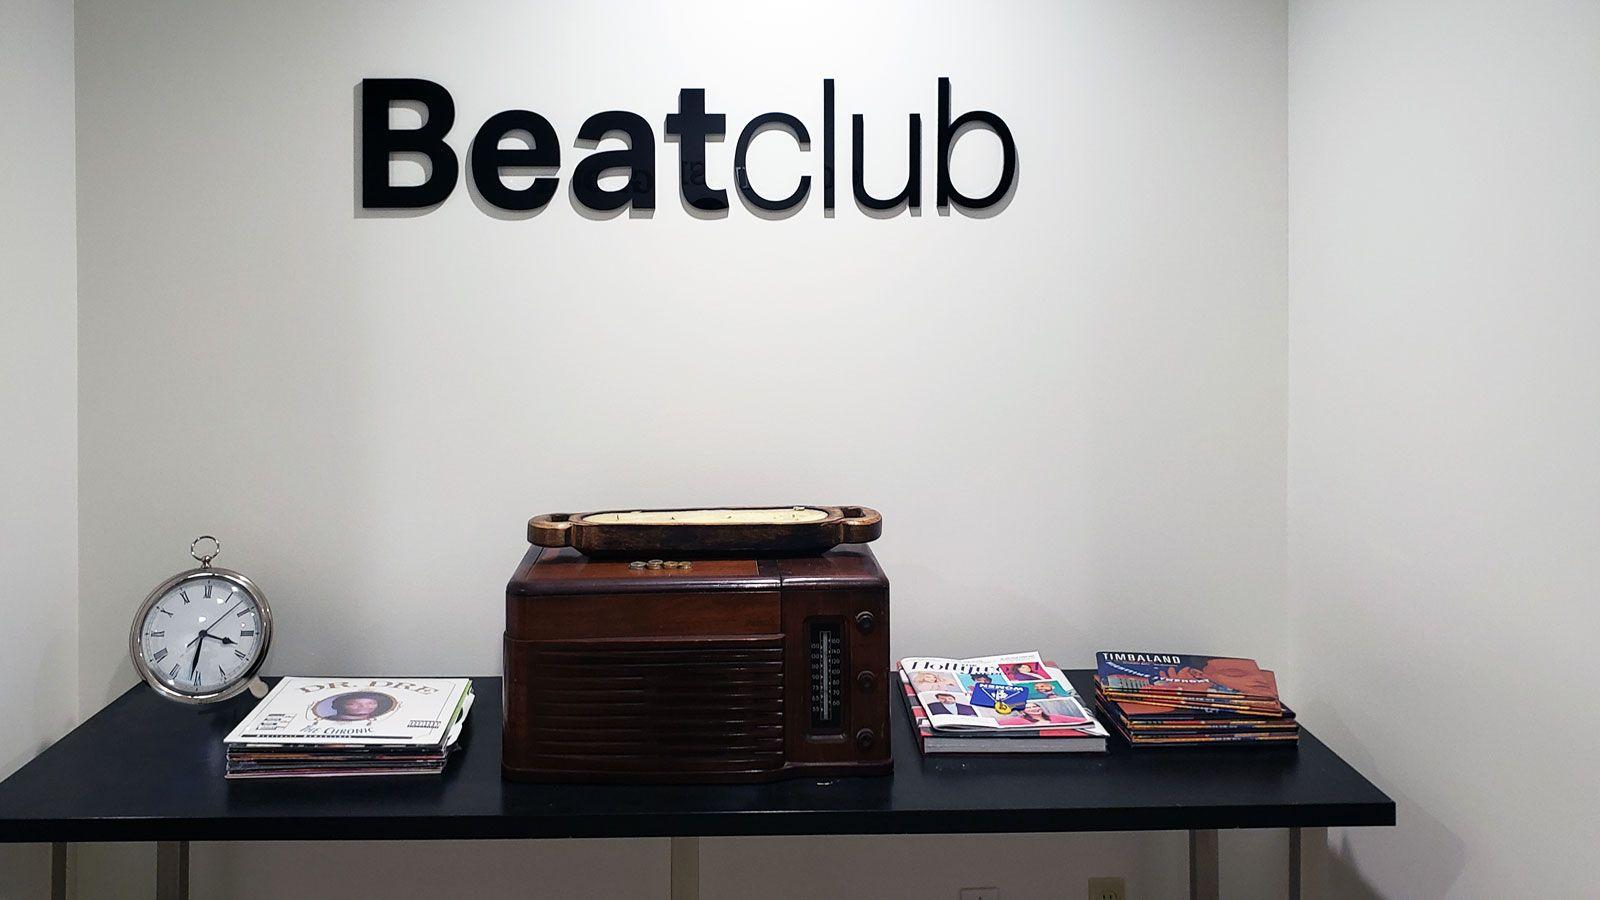 Beatclub 3d letters